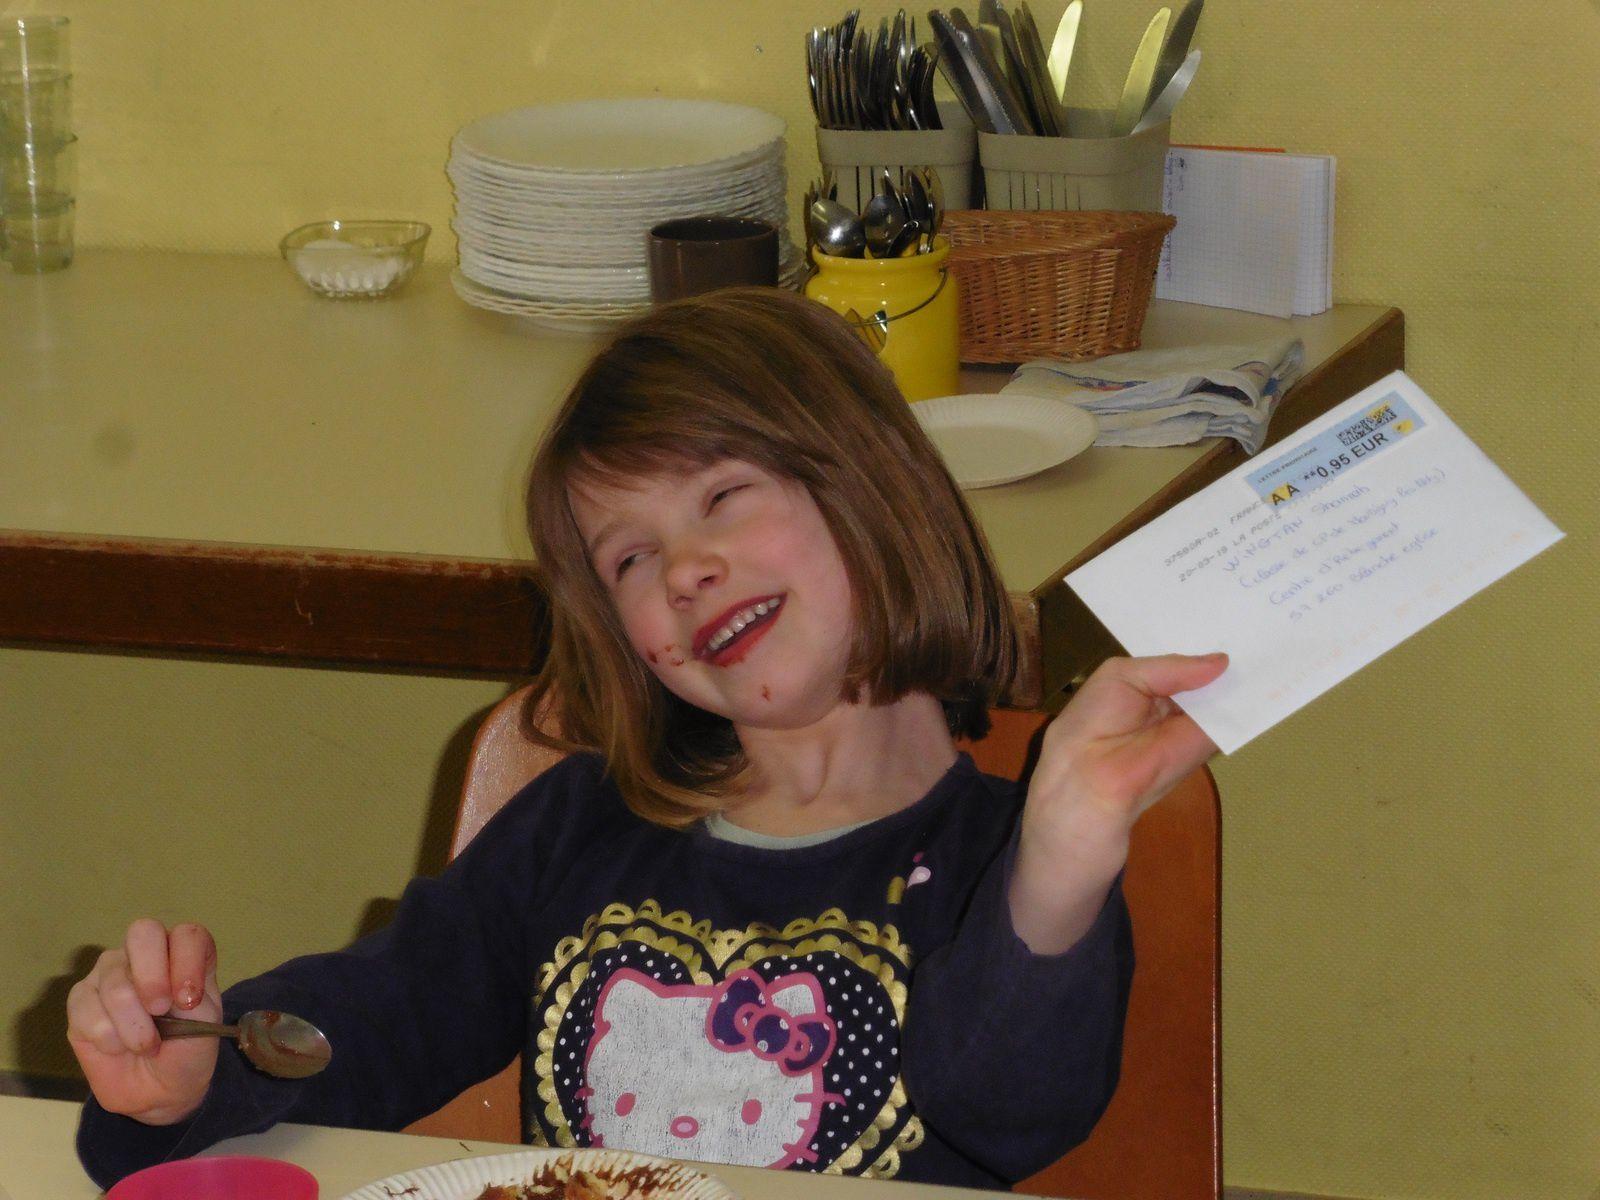 ... Et non,elle a reçu une lettre! Je vous ai parlé lors de la réunion de la joie apportée à votre enfant de recevoir du courrier de votre part! Cela vous prend 5 minutes, ne coûte quasiment rien et le plaisir procuré souvent supérieur à des cadeaux plus onéreux.